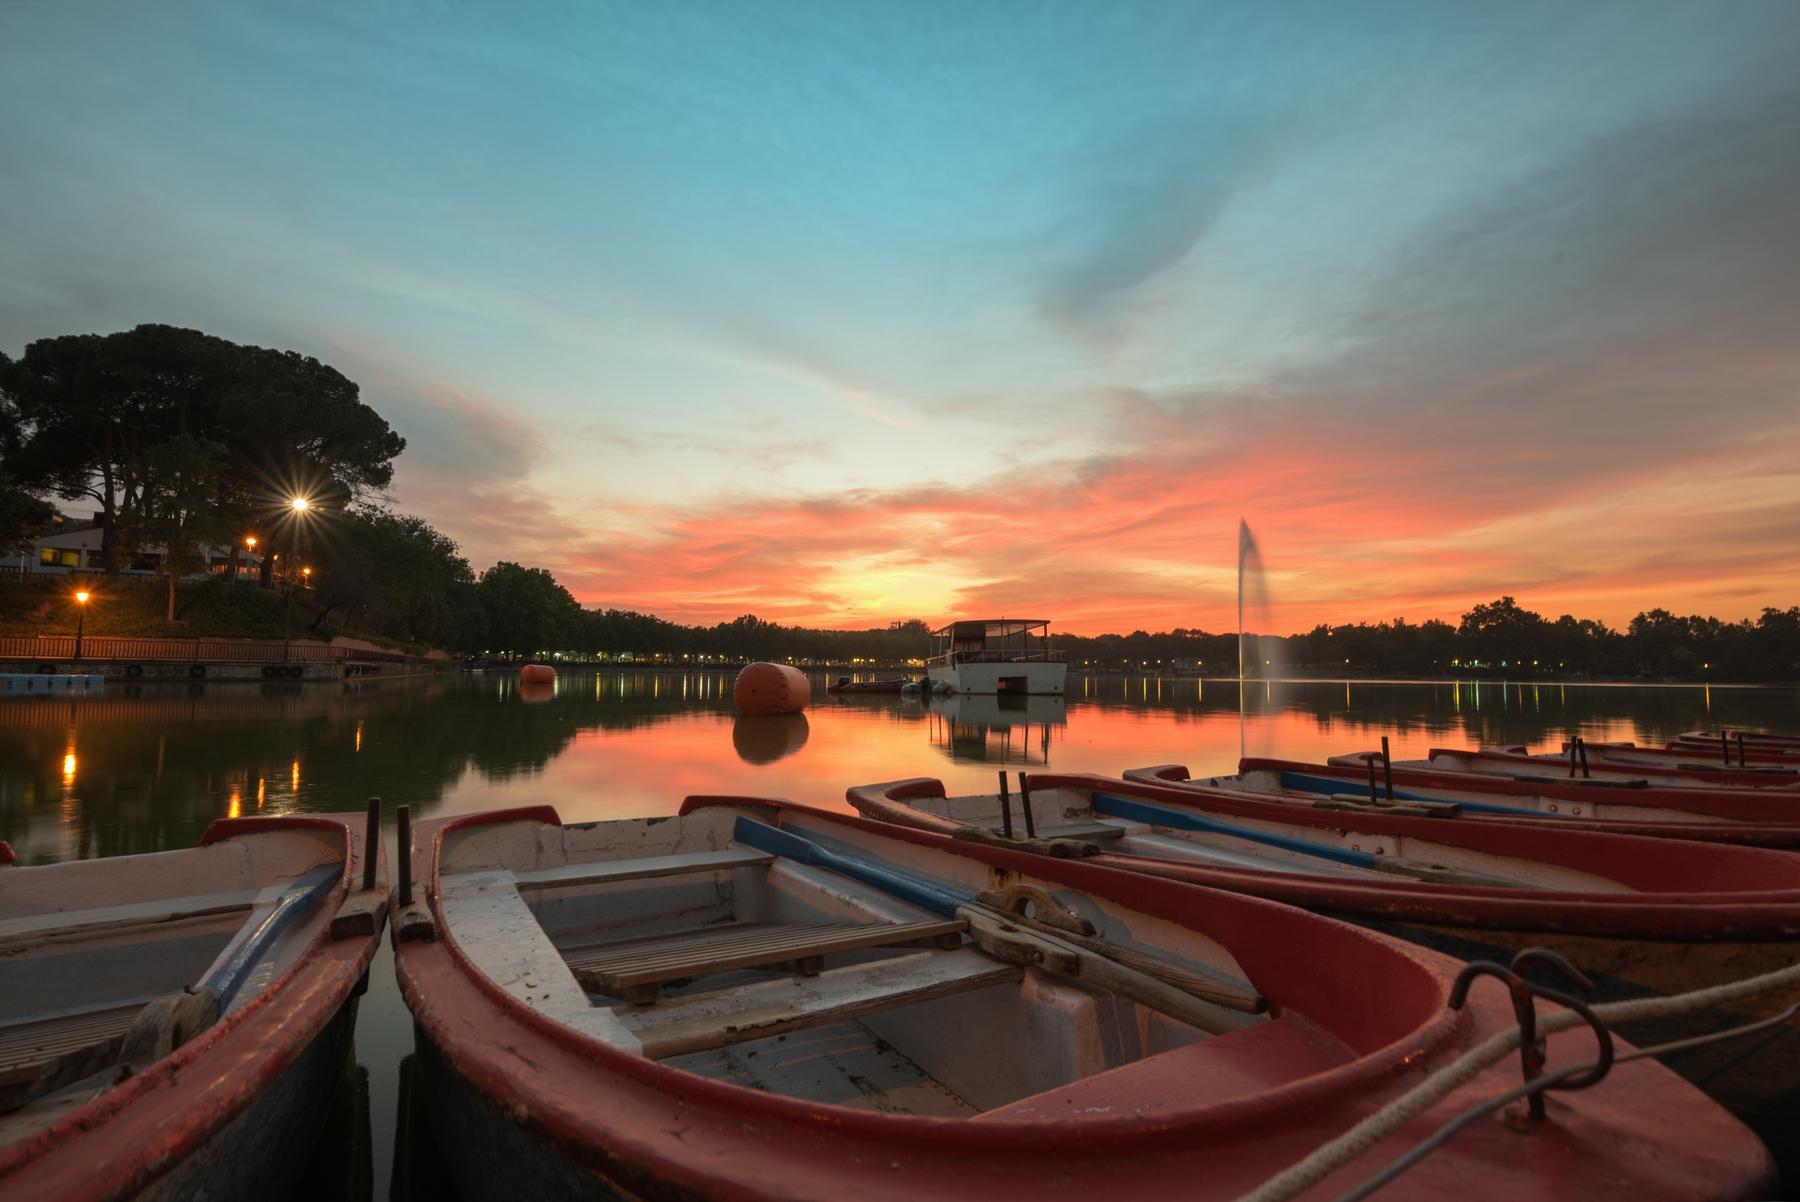 atardecer en el lago de la Casa de Campo en Madrid